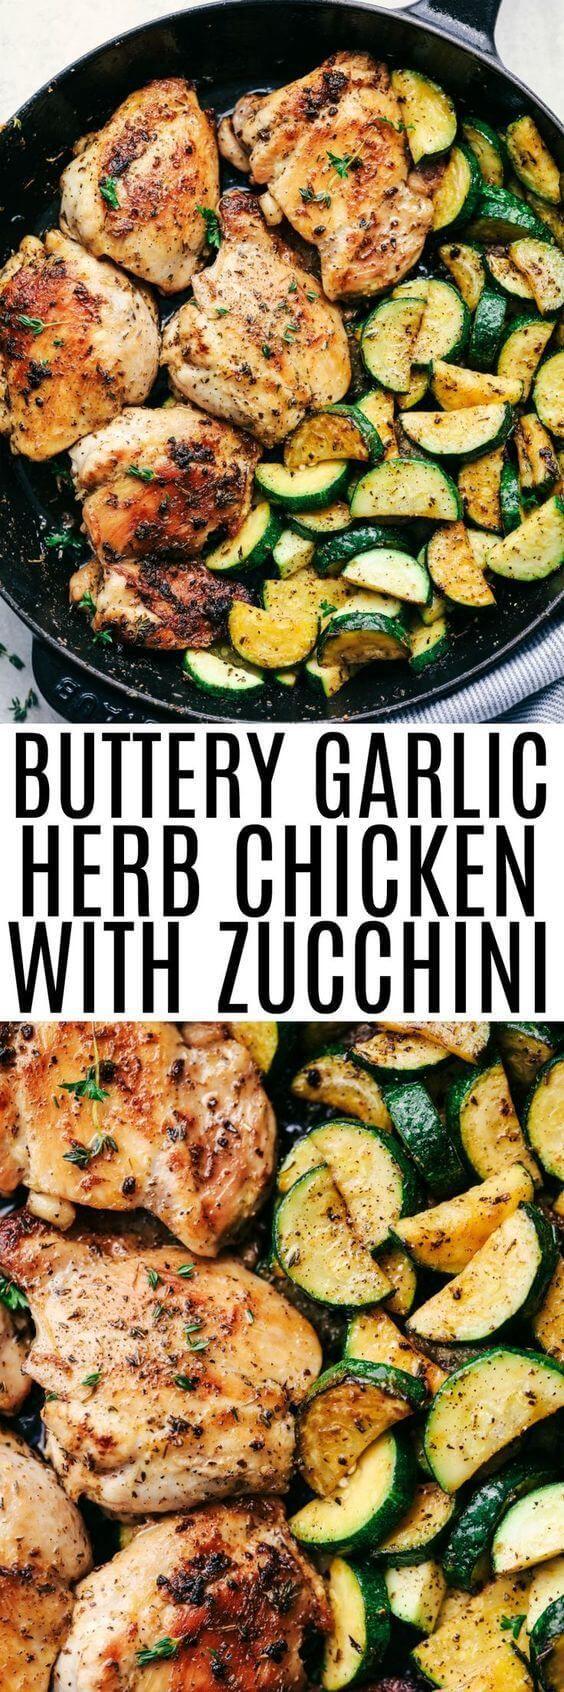 Buttery Garlic Herb Chicken with Zucchini